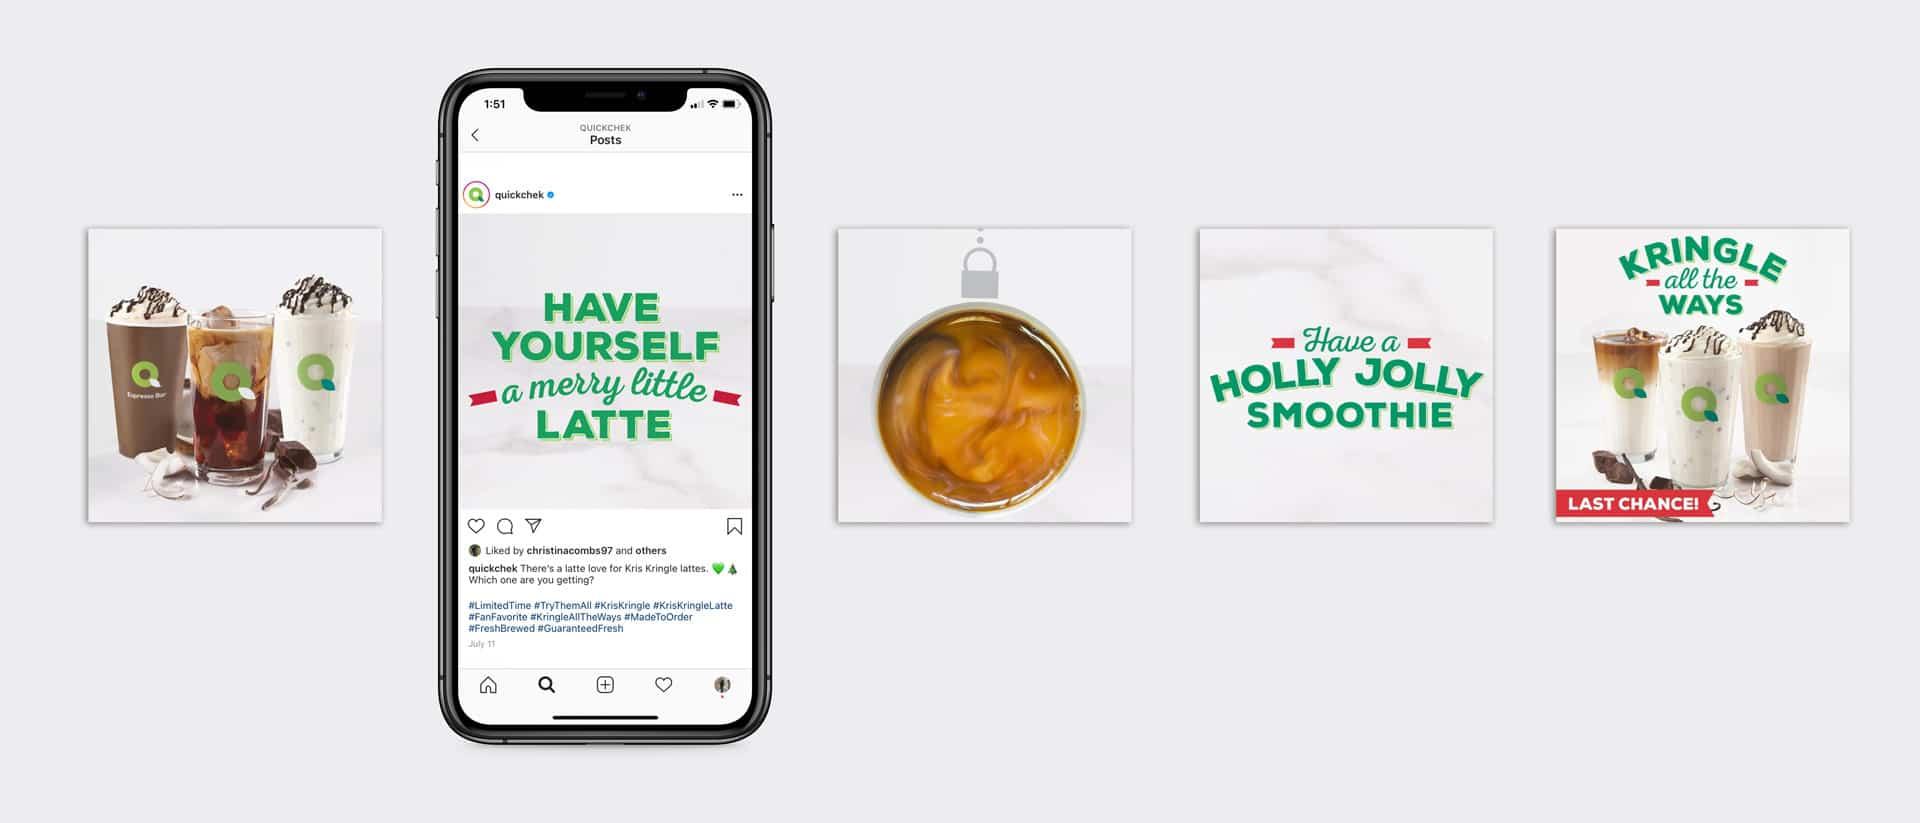 social media marketing for QuickChek